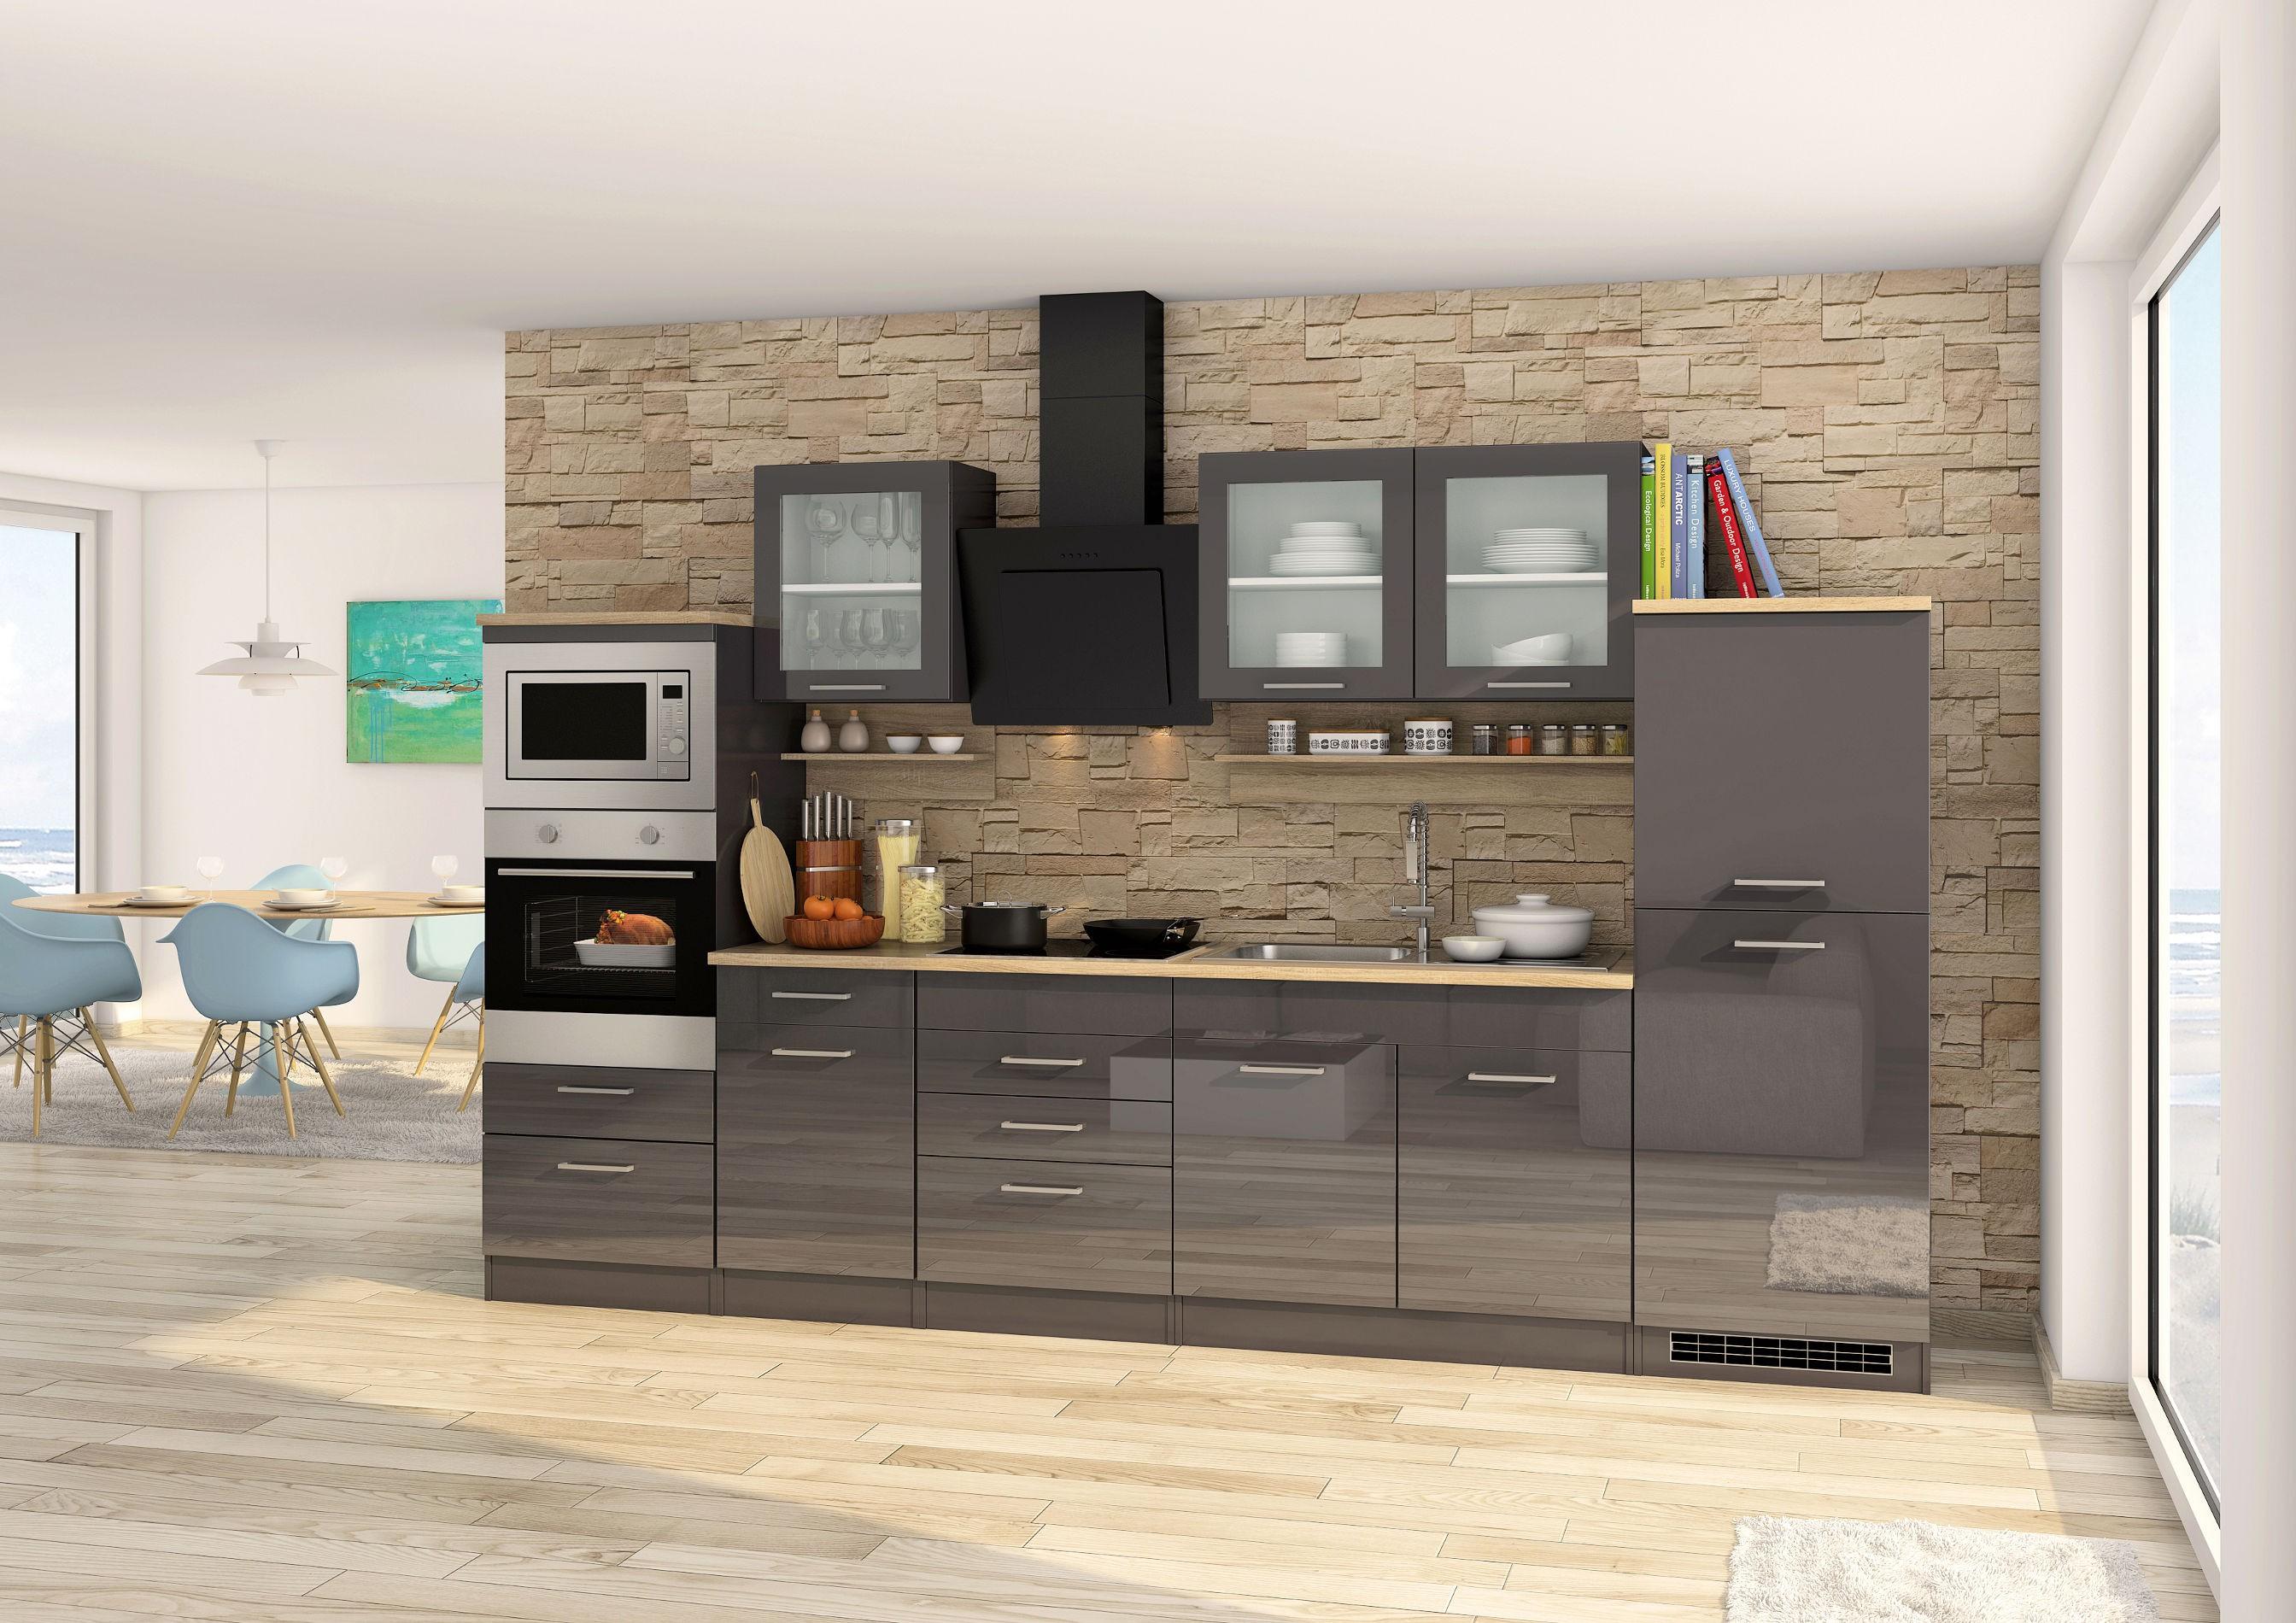 kchen 50 cm tief finest schrank tief gro schrank cm tief wohnkultur schranke mit bis tiefe. Black Bedroom Furniture Sets. Home Design Ideas